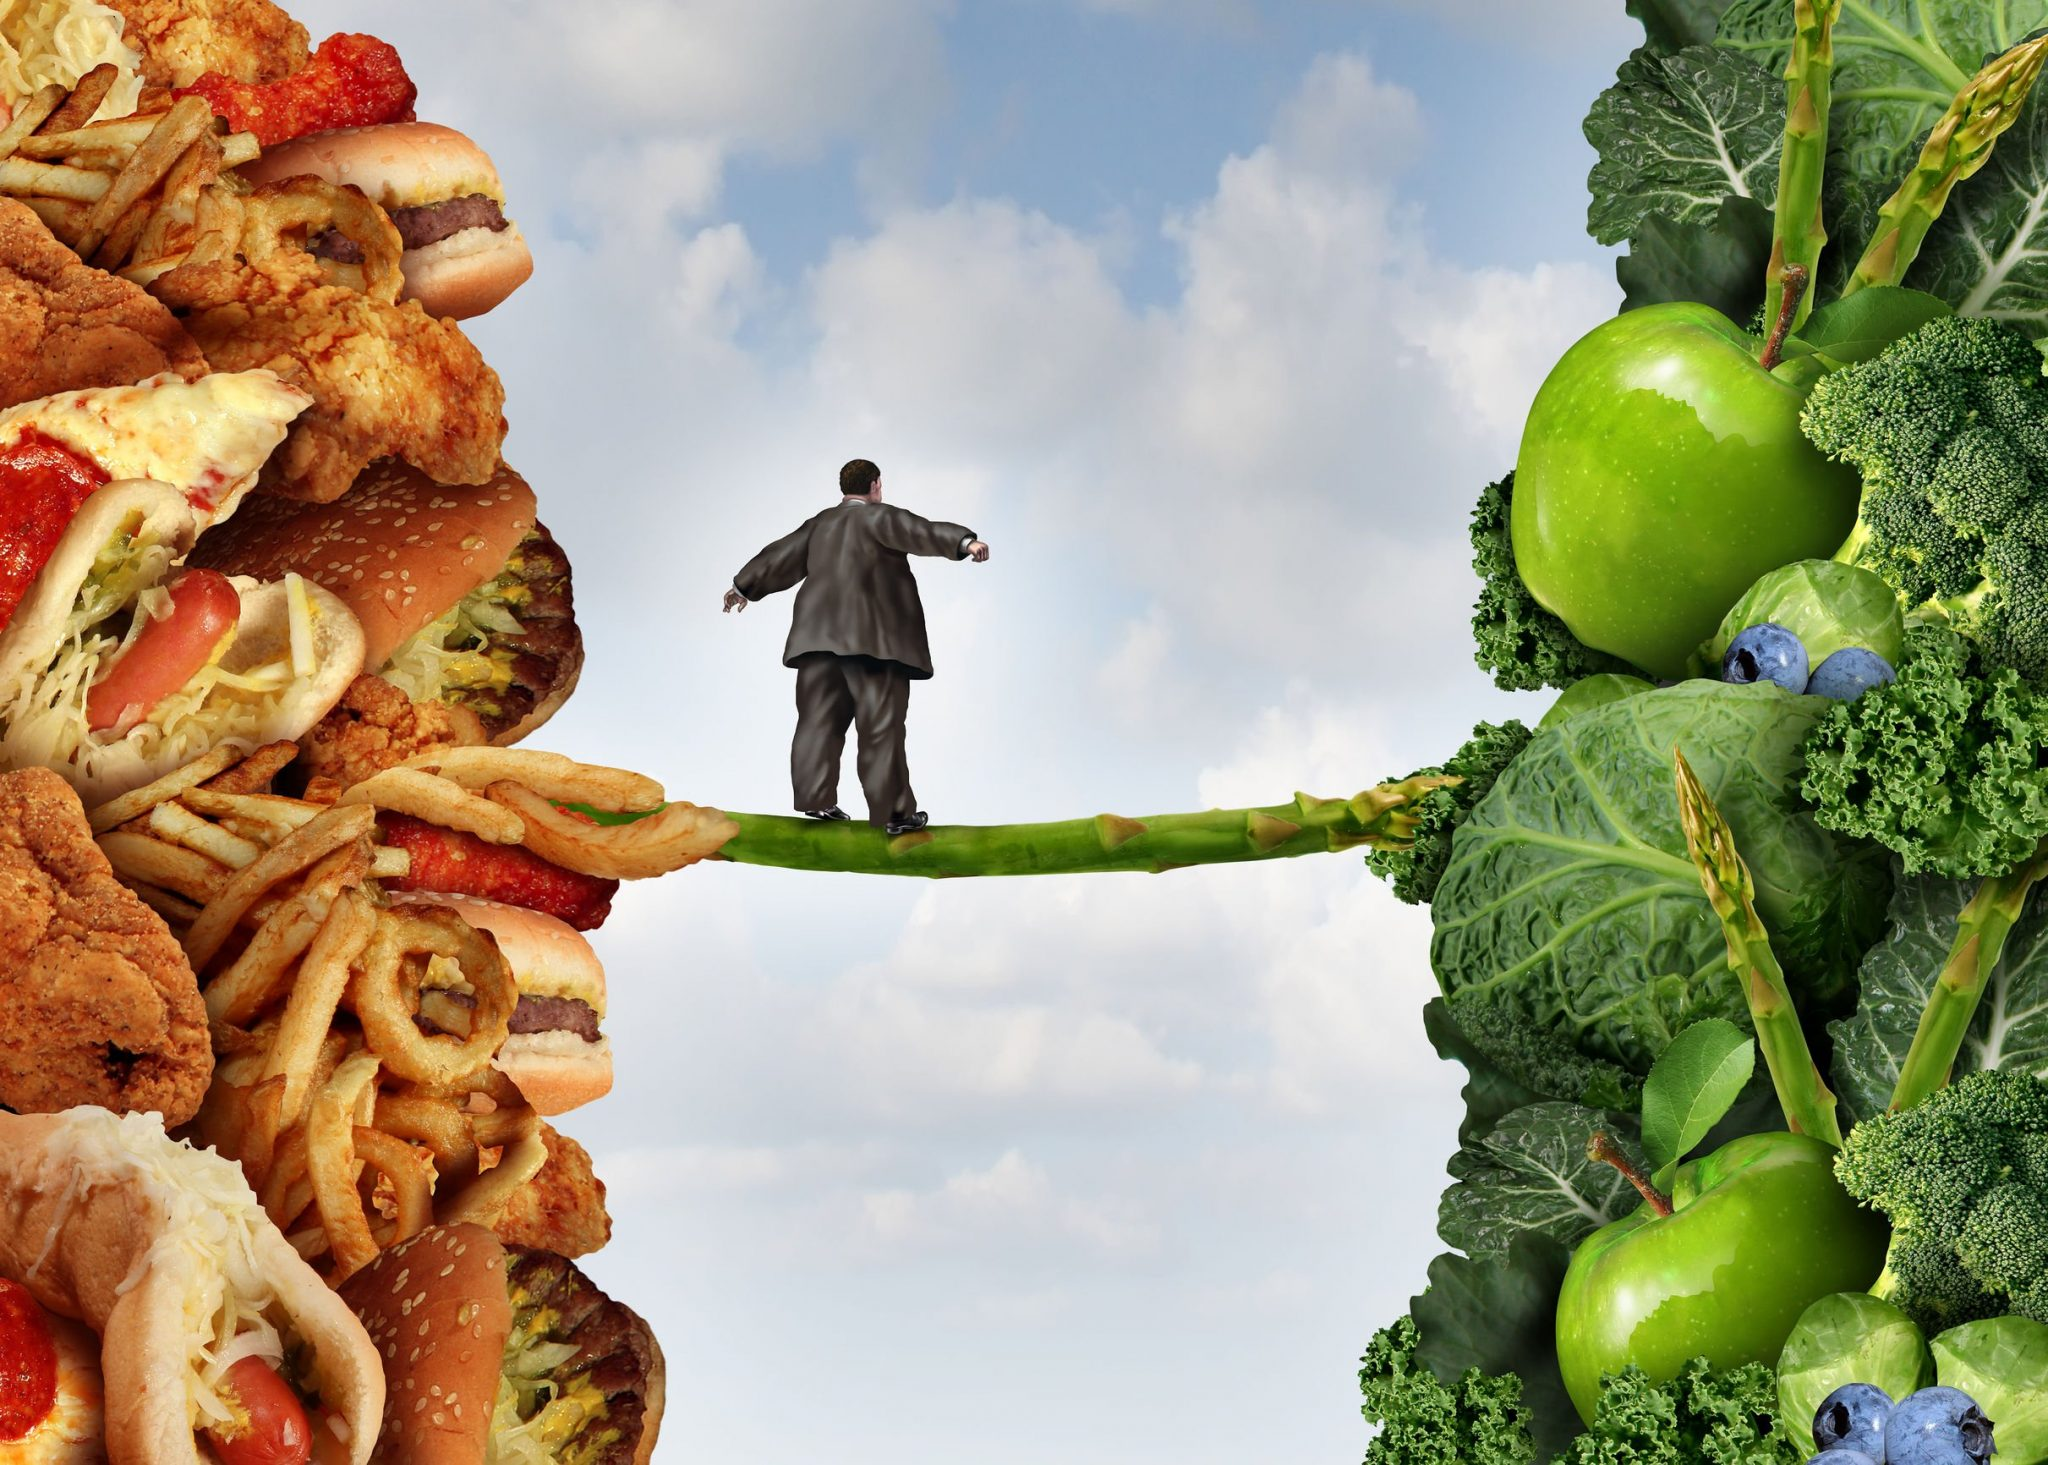 Китайские органические продукты. Вы знаете, что покупаете?